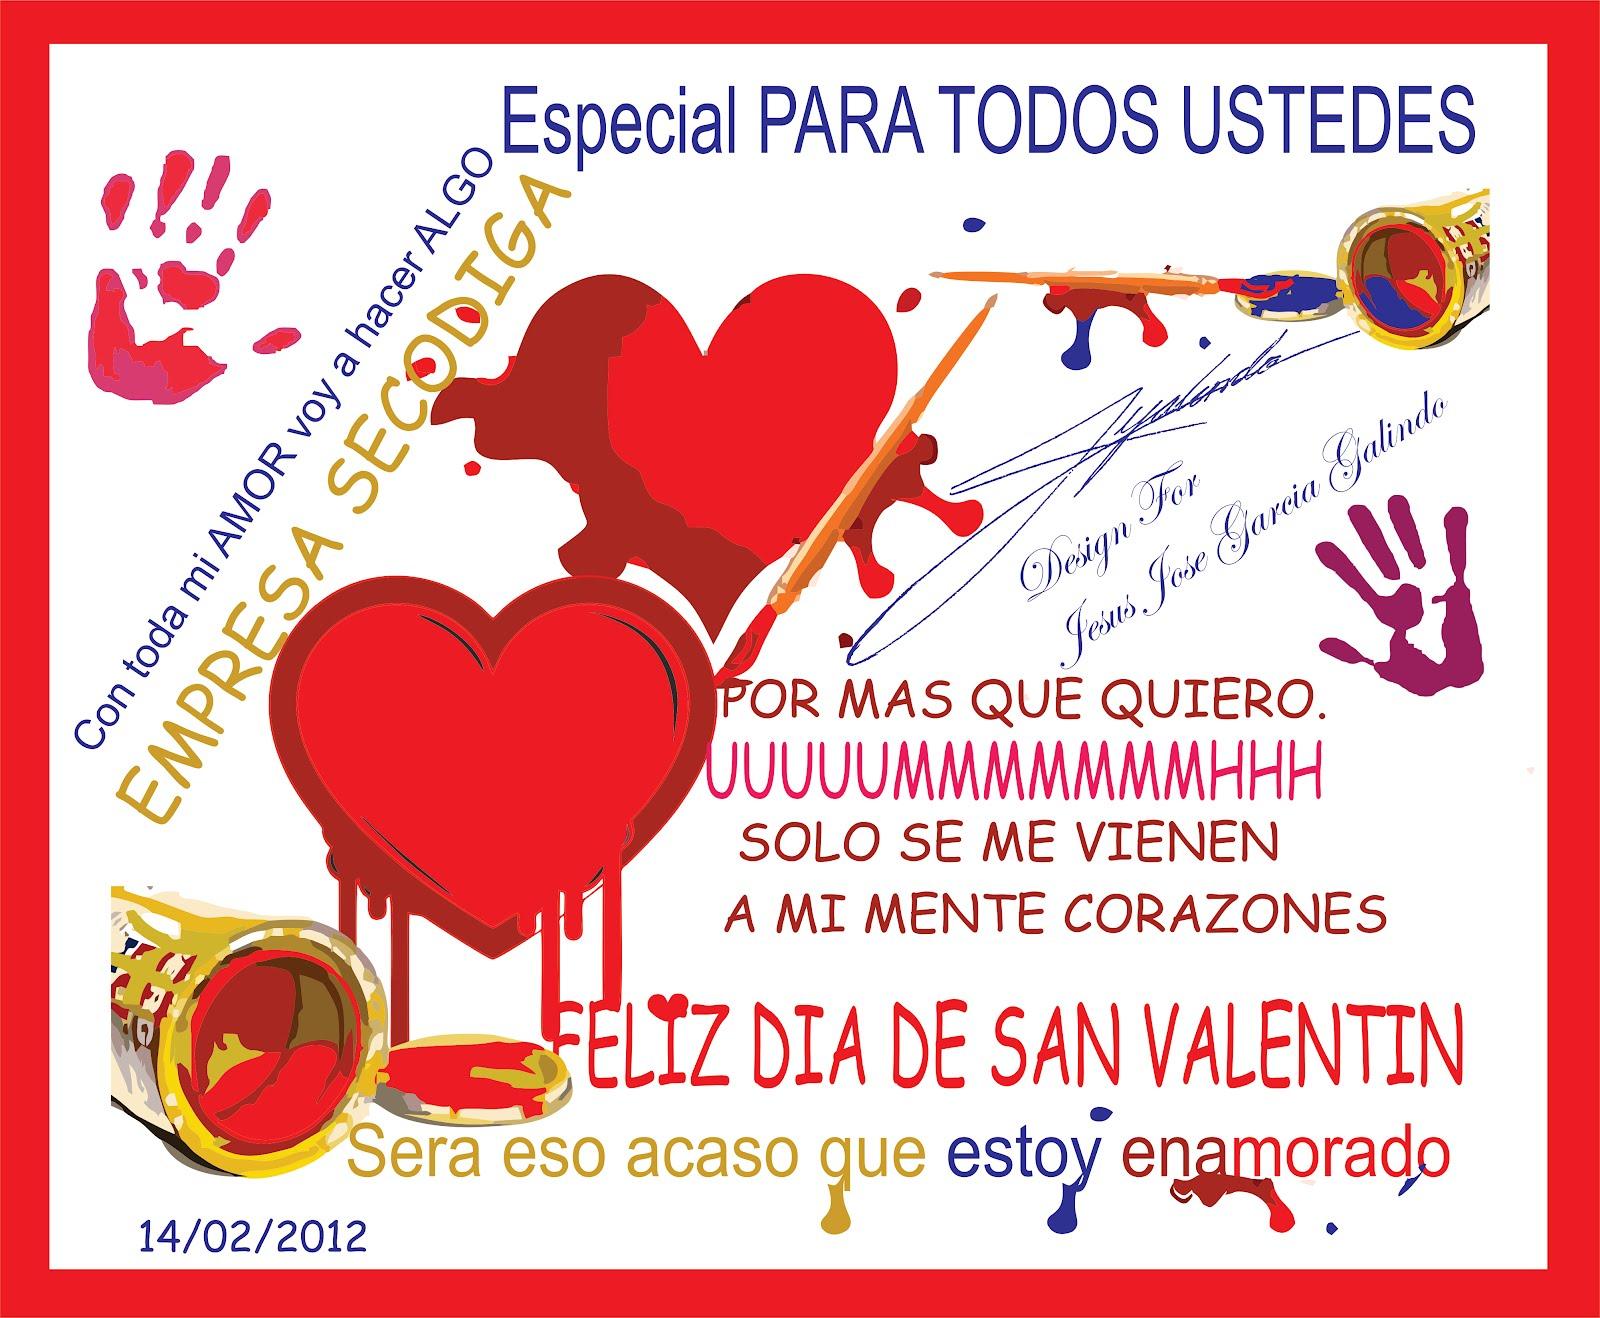 especial de san valentin 5 Imágenes para san valentin 2014